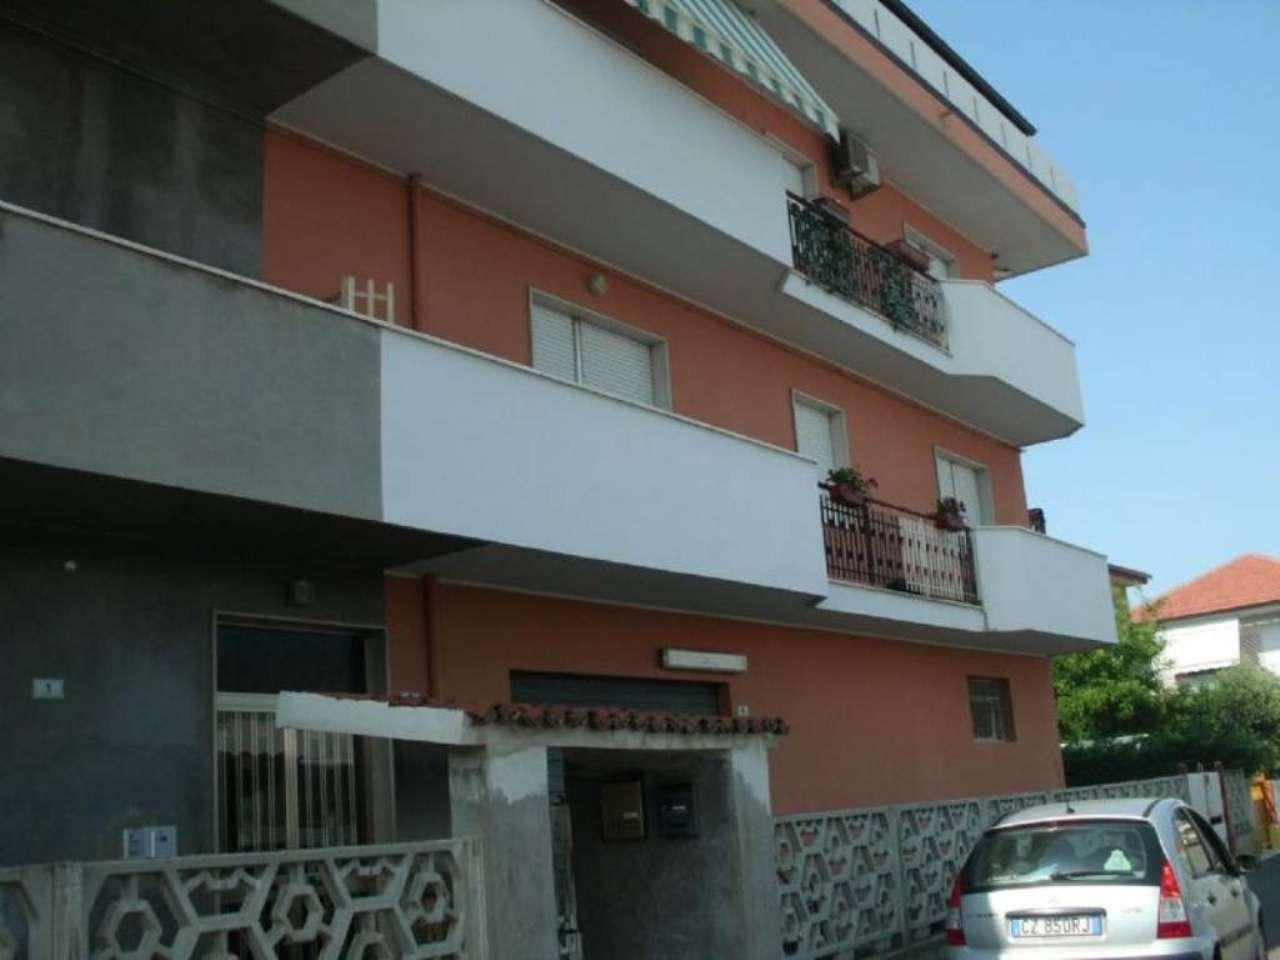 Ufficio / Studio in affitto a Montesilvano, 1 locali, prezzo € 300 | Cambio Casa.it